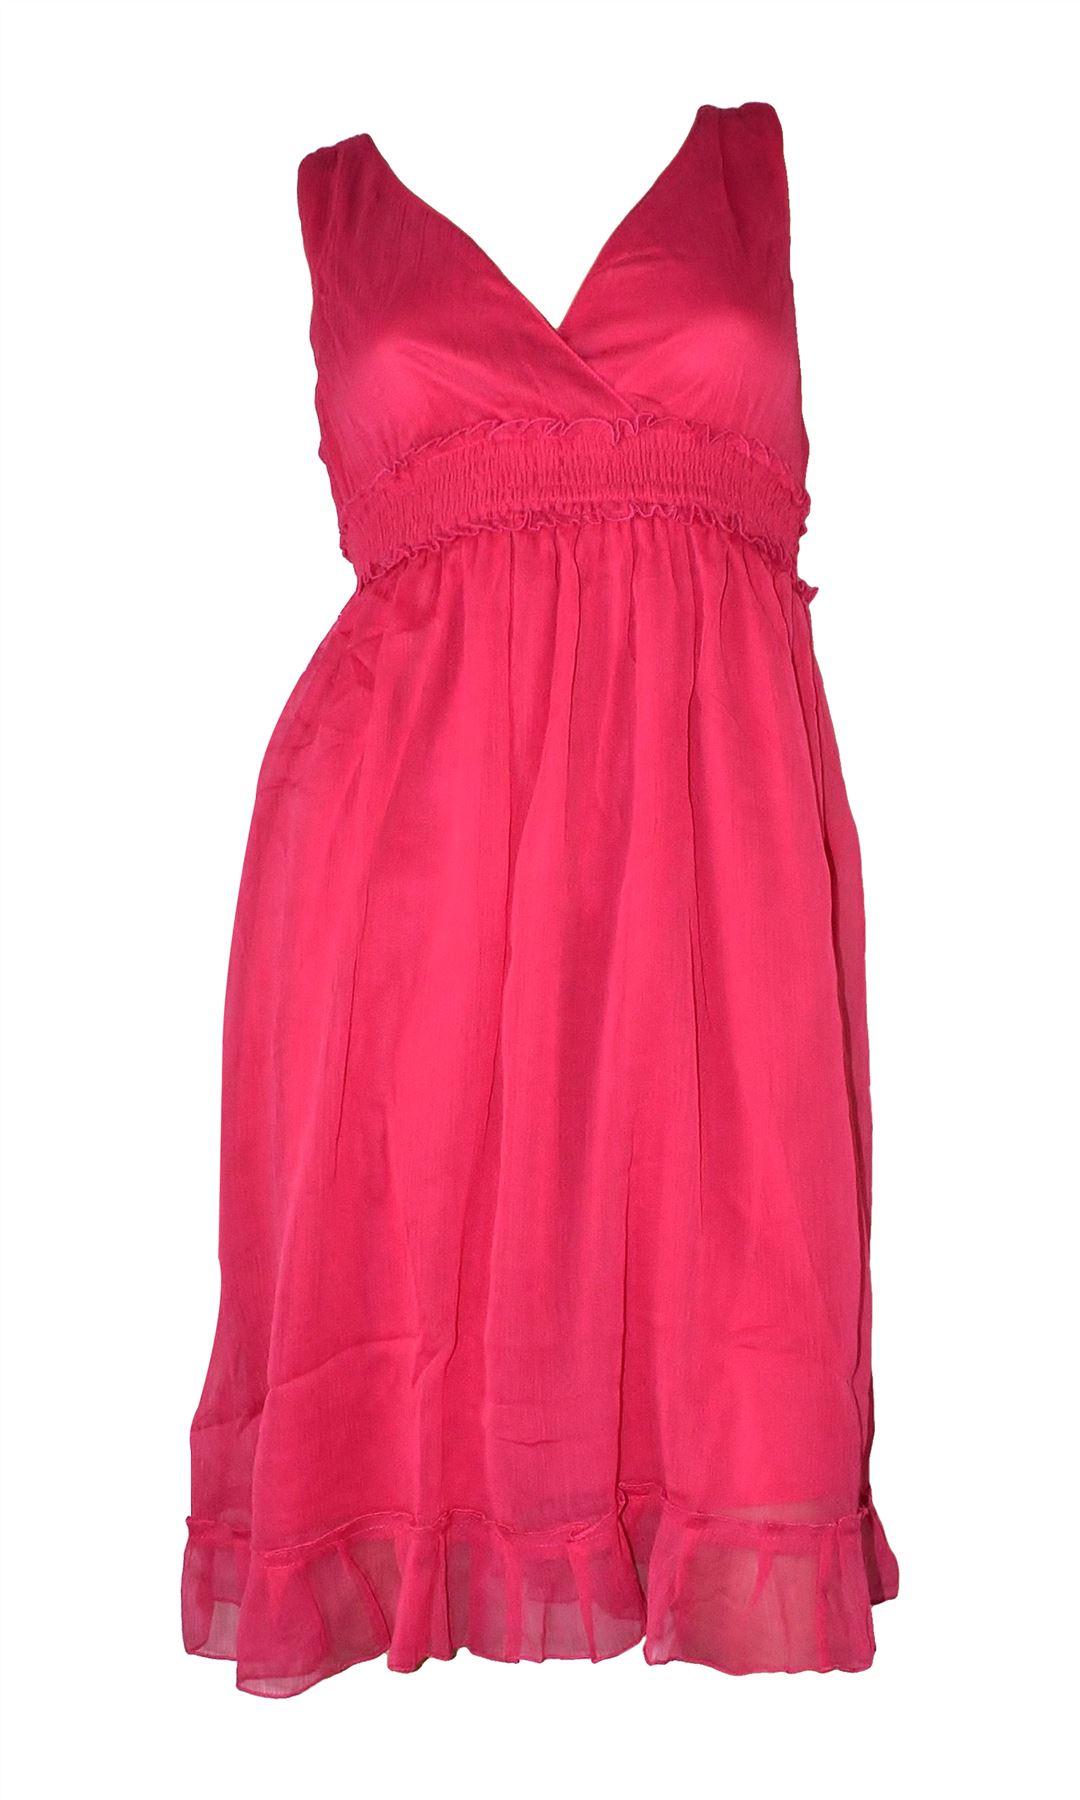 Belle Donne- Women's Tie Dye Maxi Summer Dress Summer Nights Maxi Dress - Pink